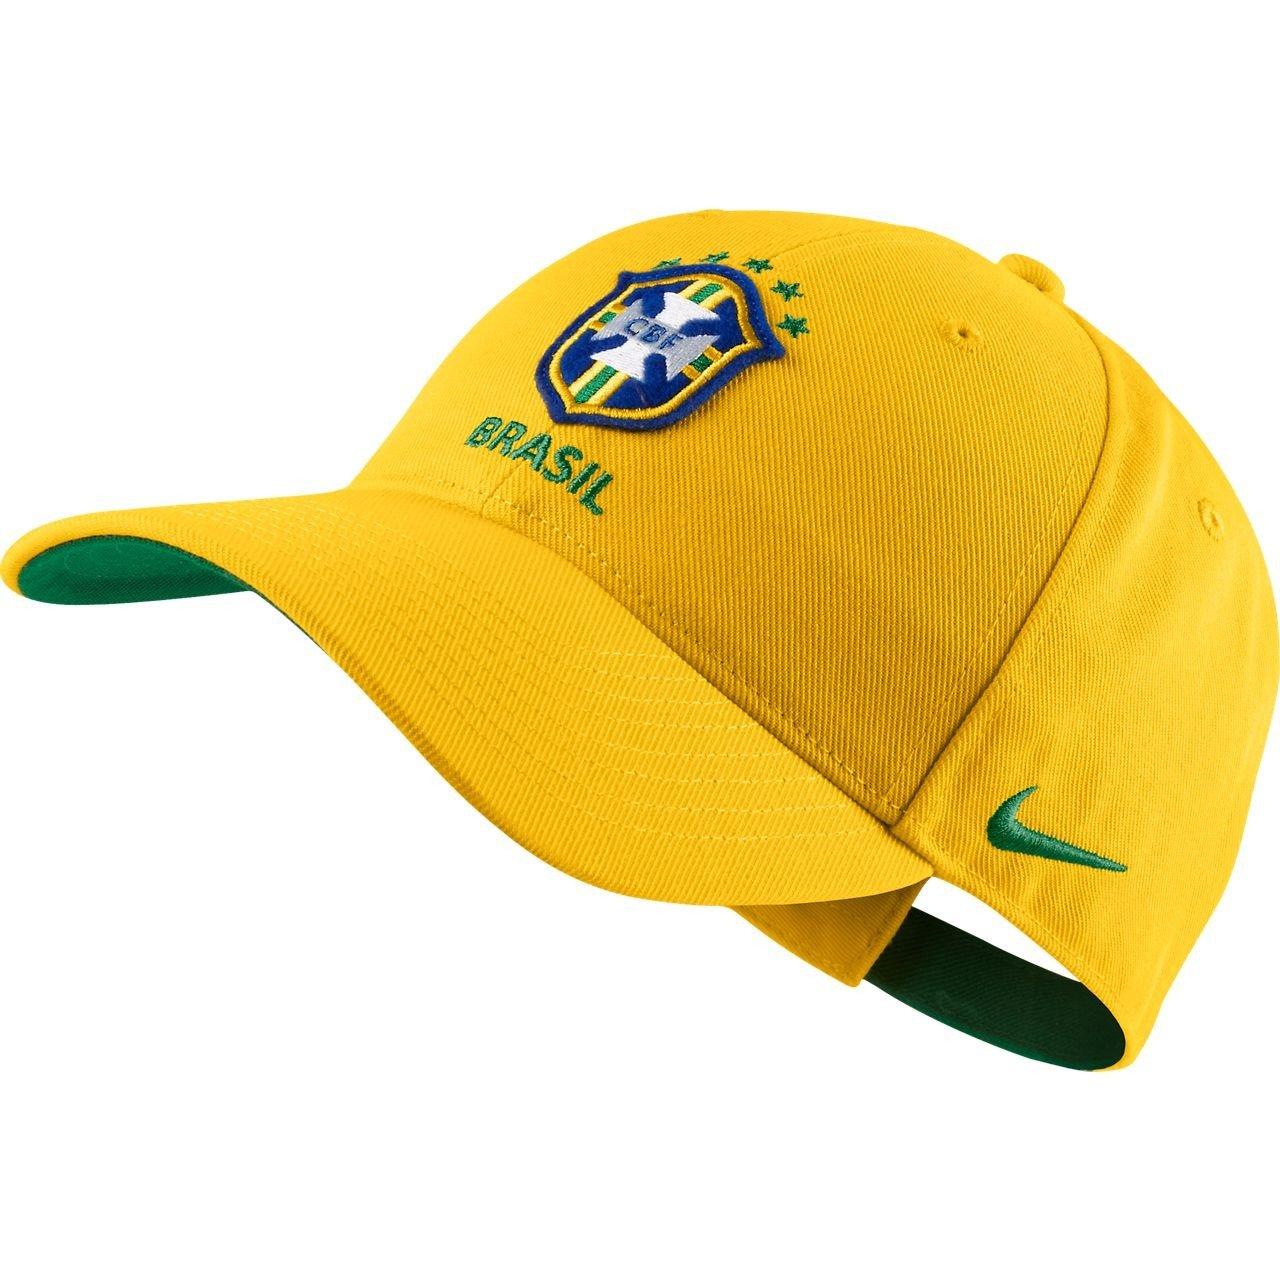 470888e004ad8 ... purchase amazon nike brasil core cap sports outdoors 75ea4 ca7c5